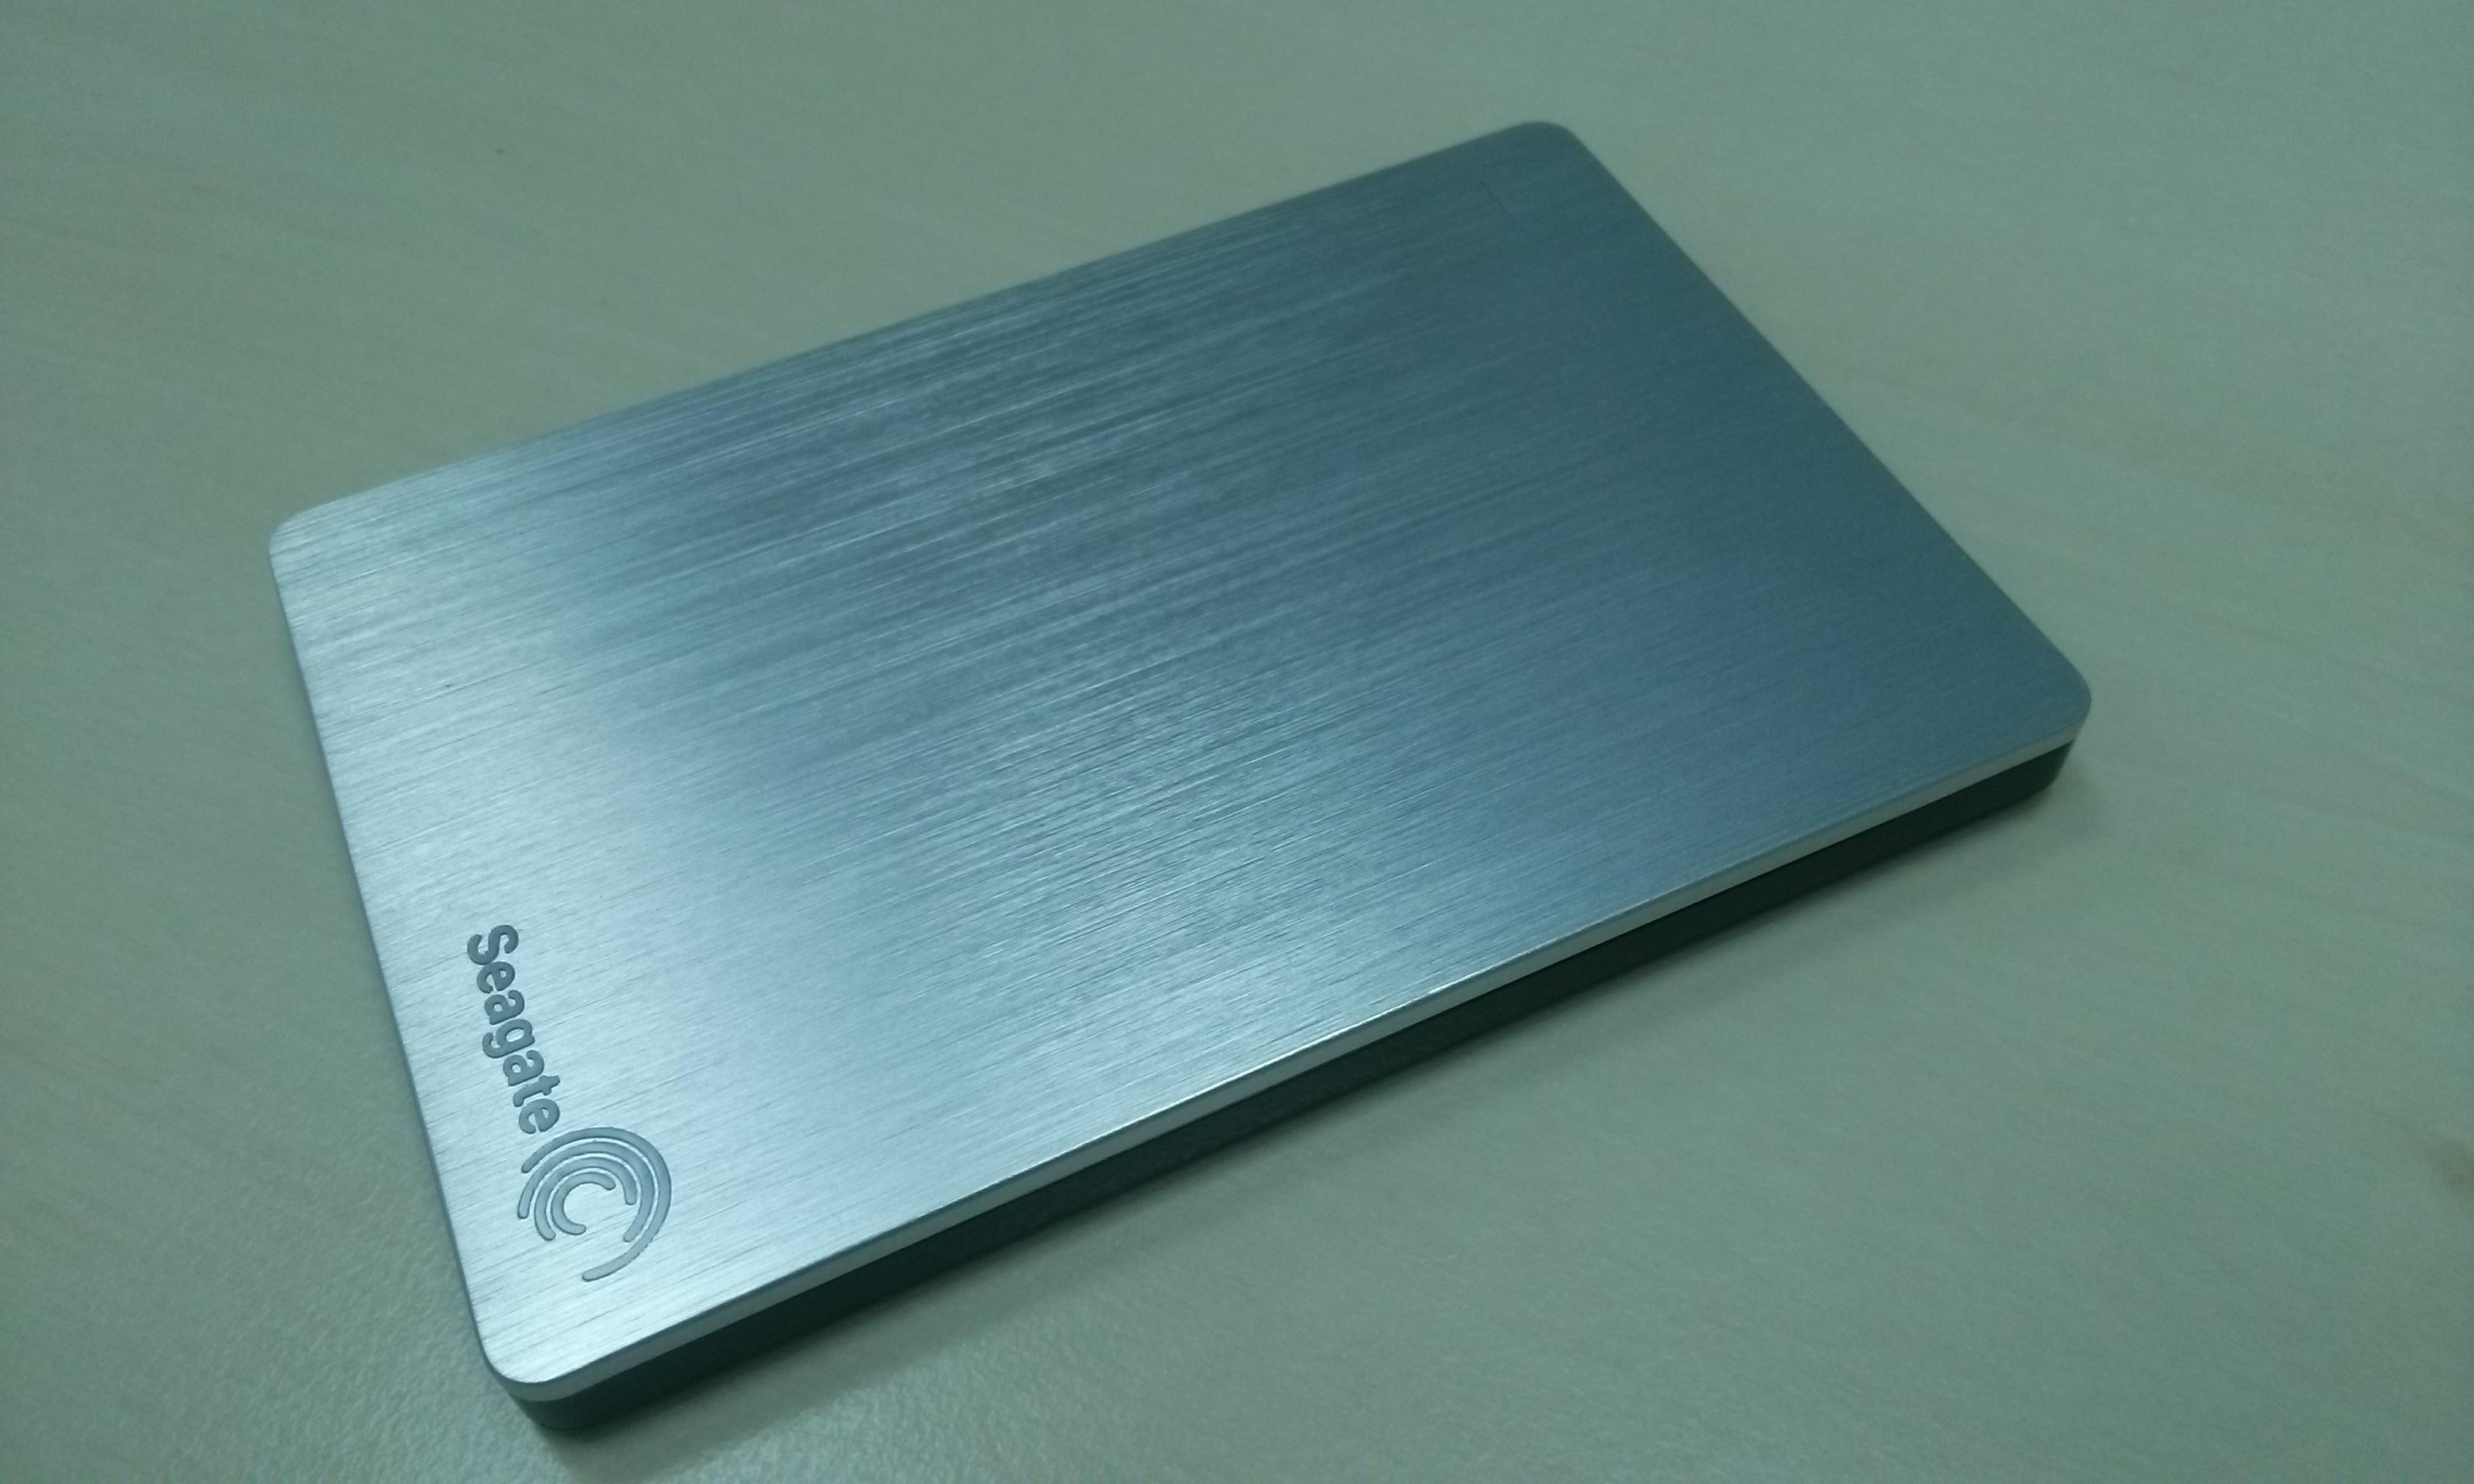 Seagate Slim Portable Drive 500 GB